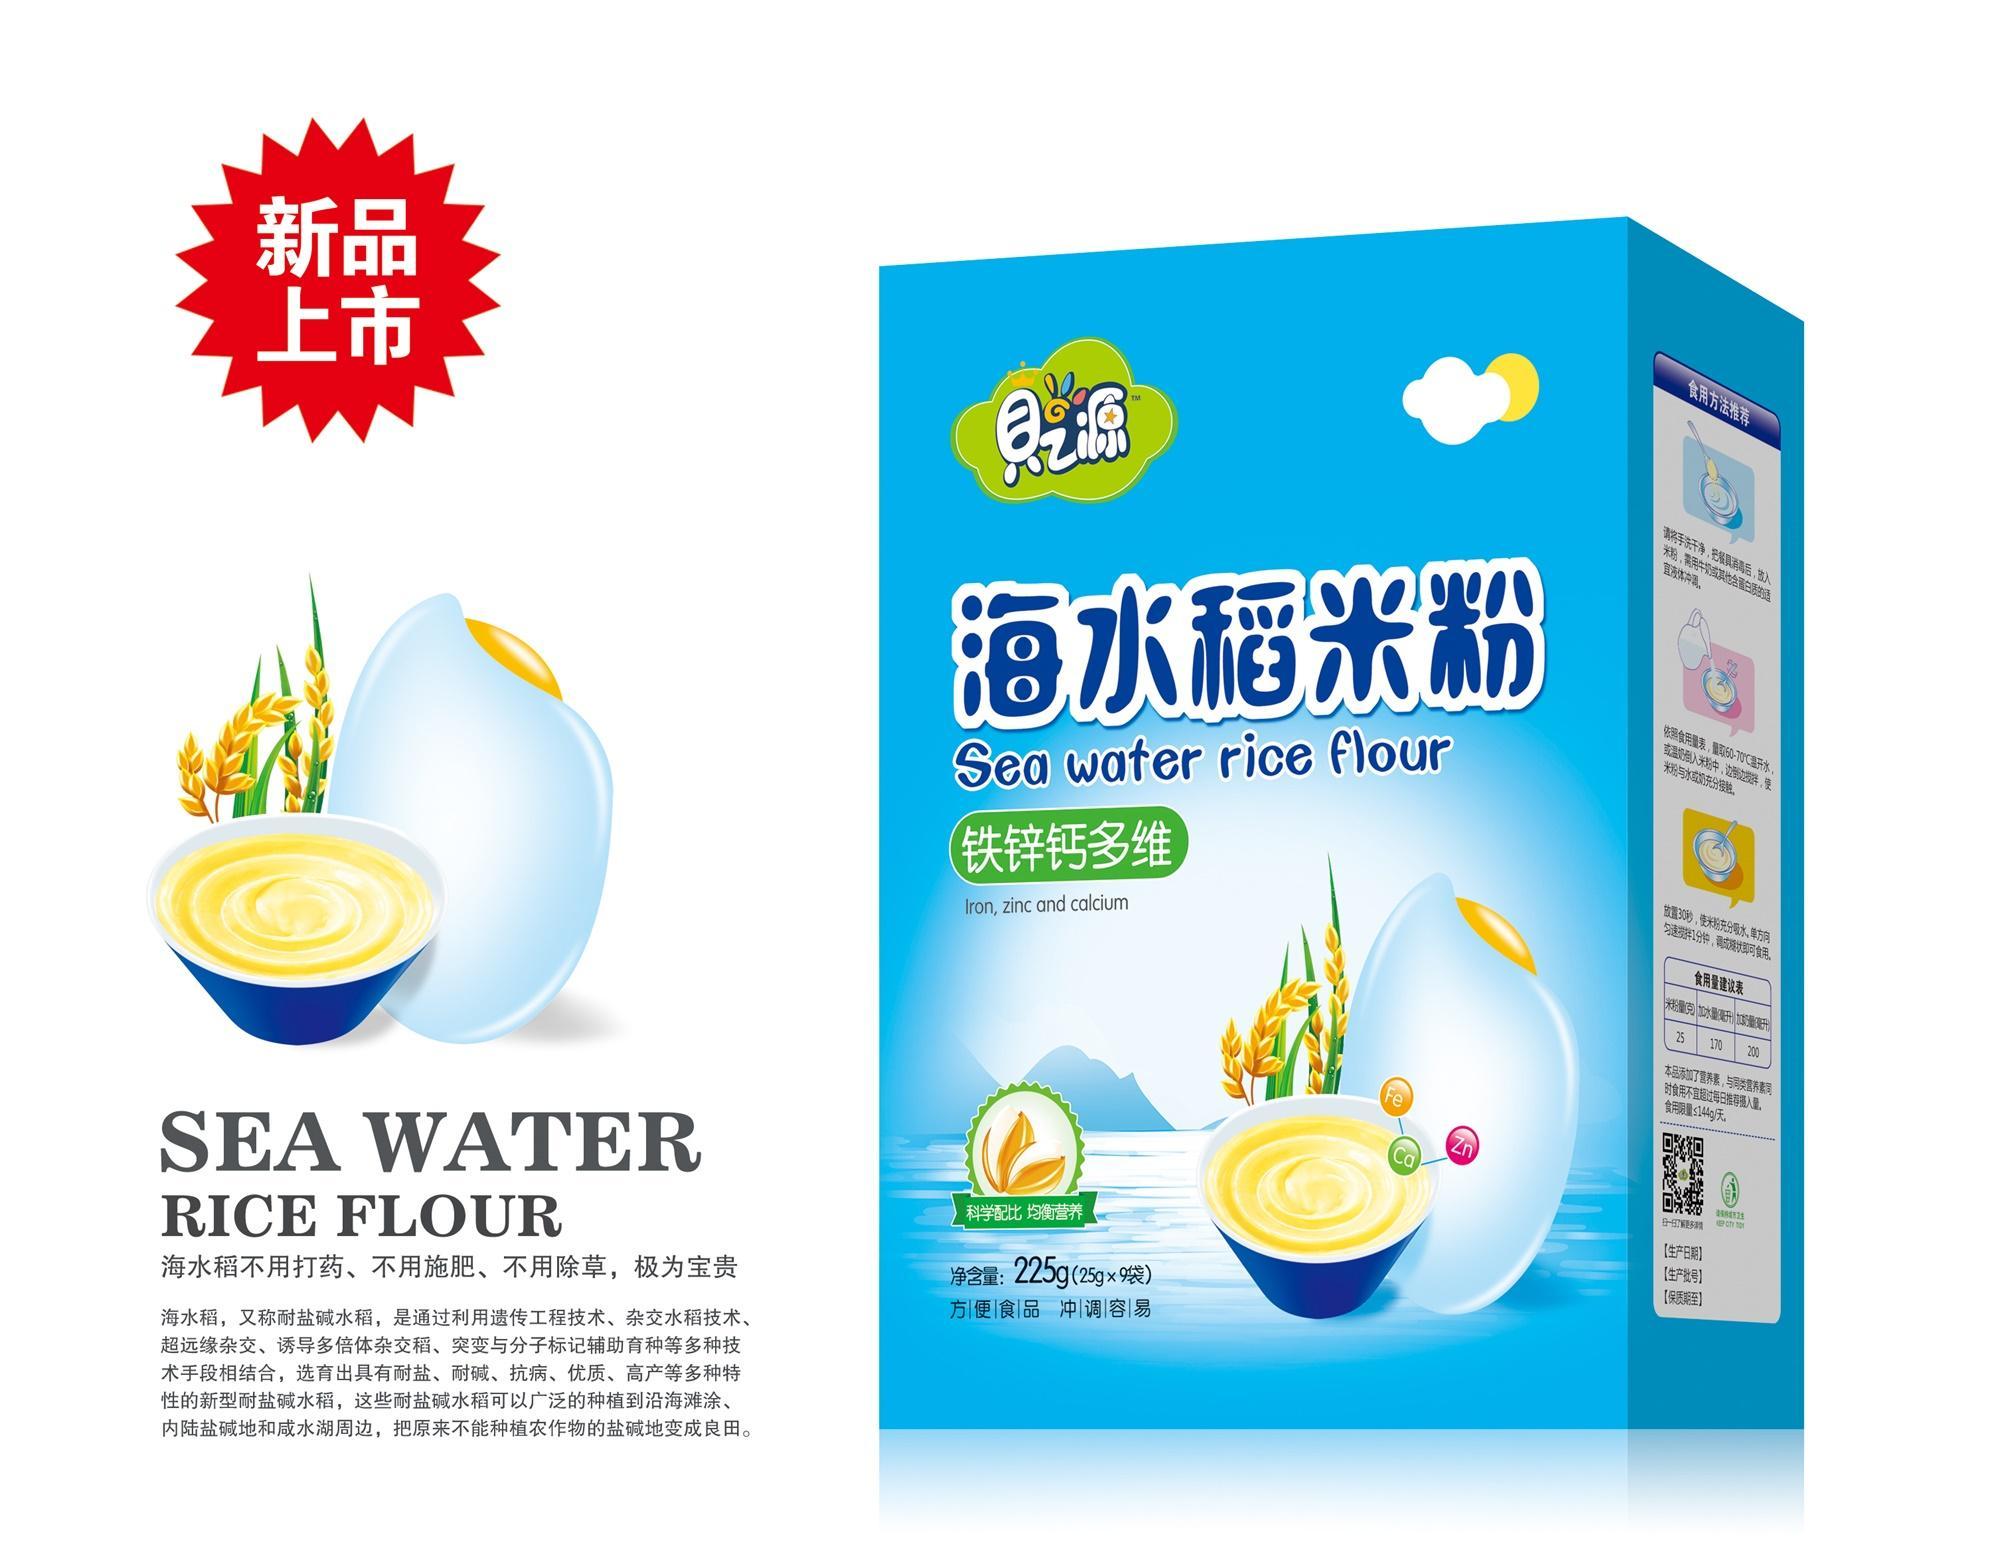 铁锌钙多维海水稻米粉招商